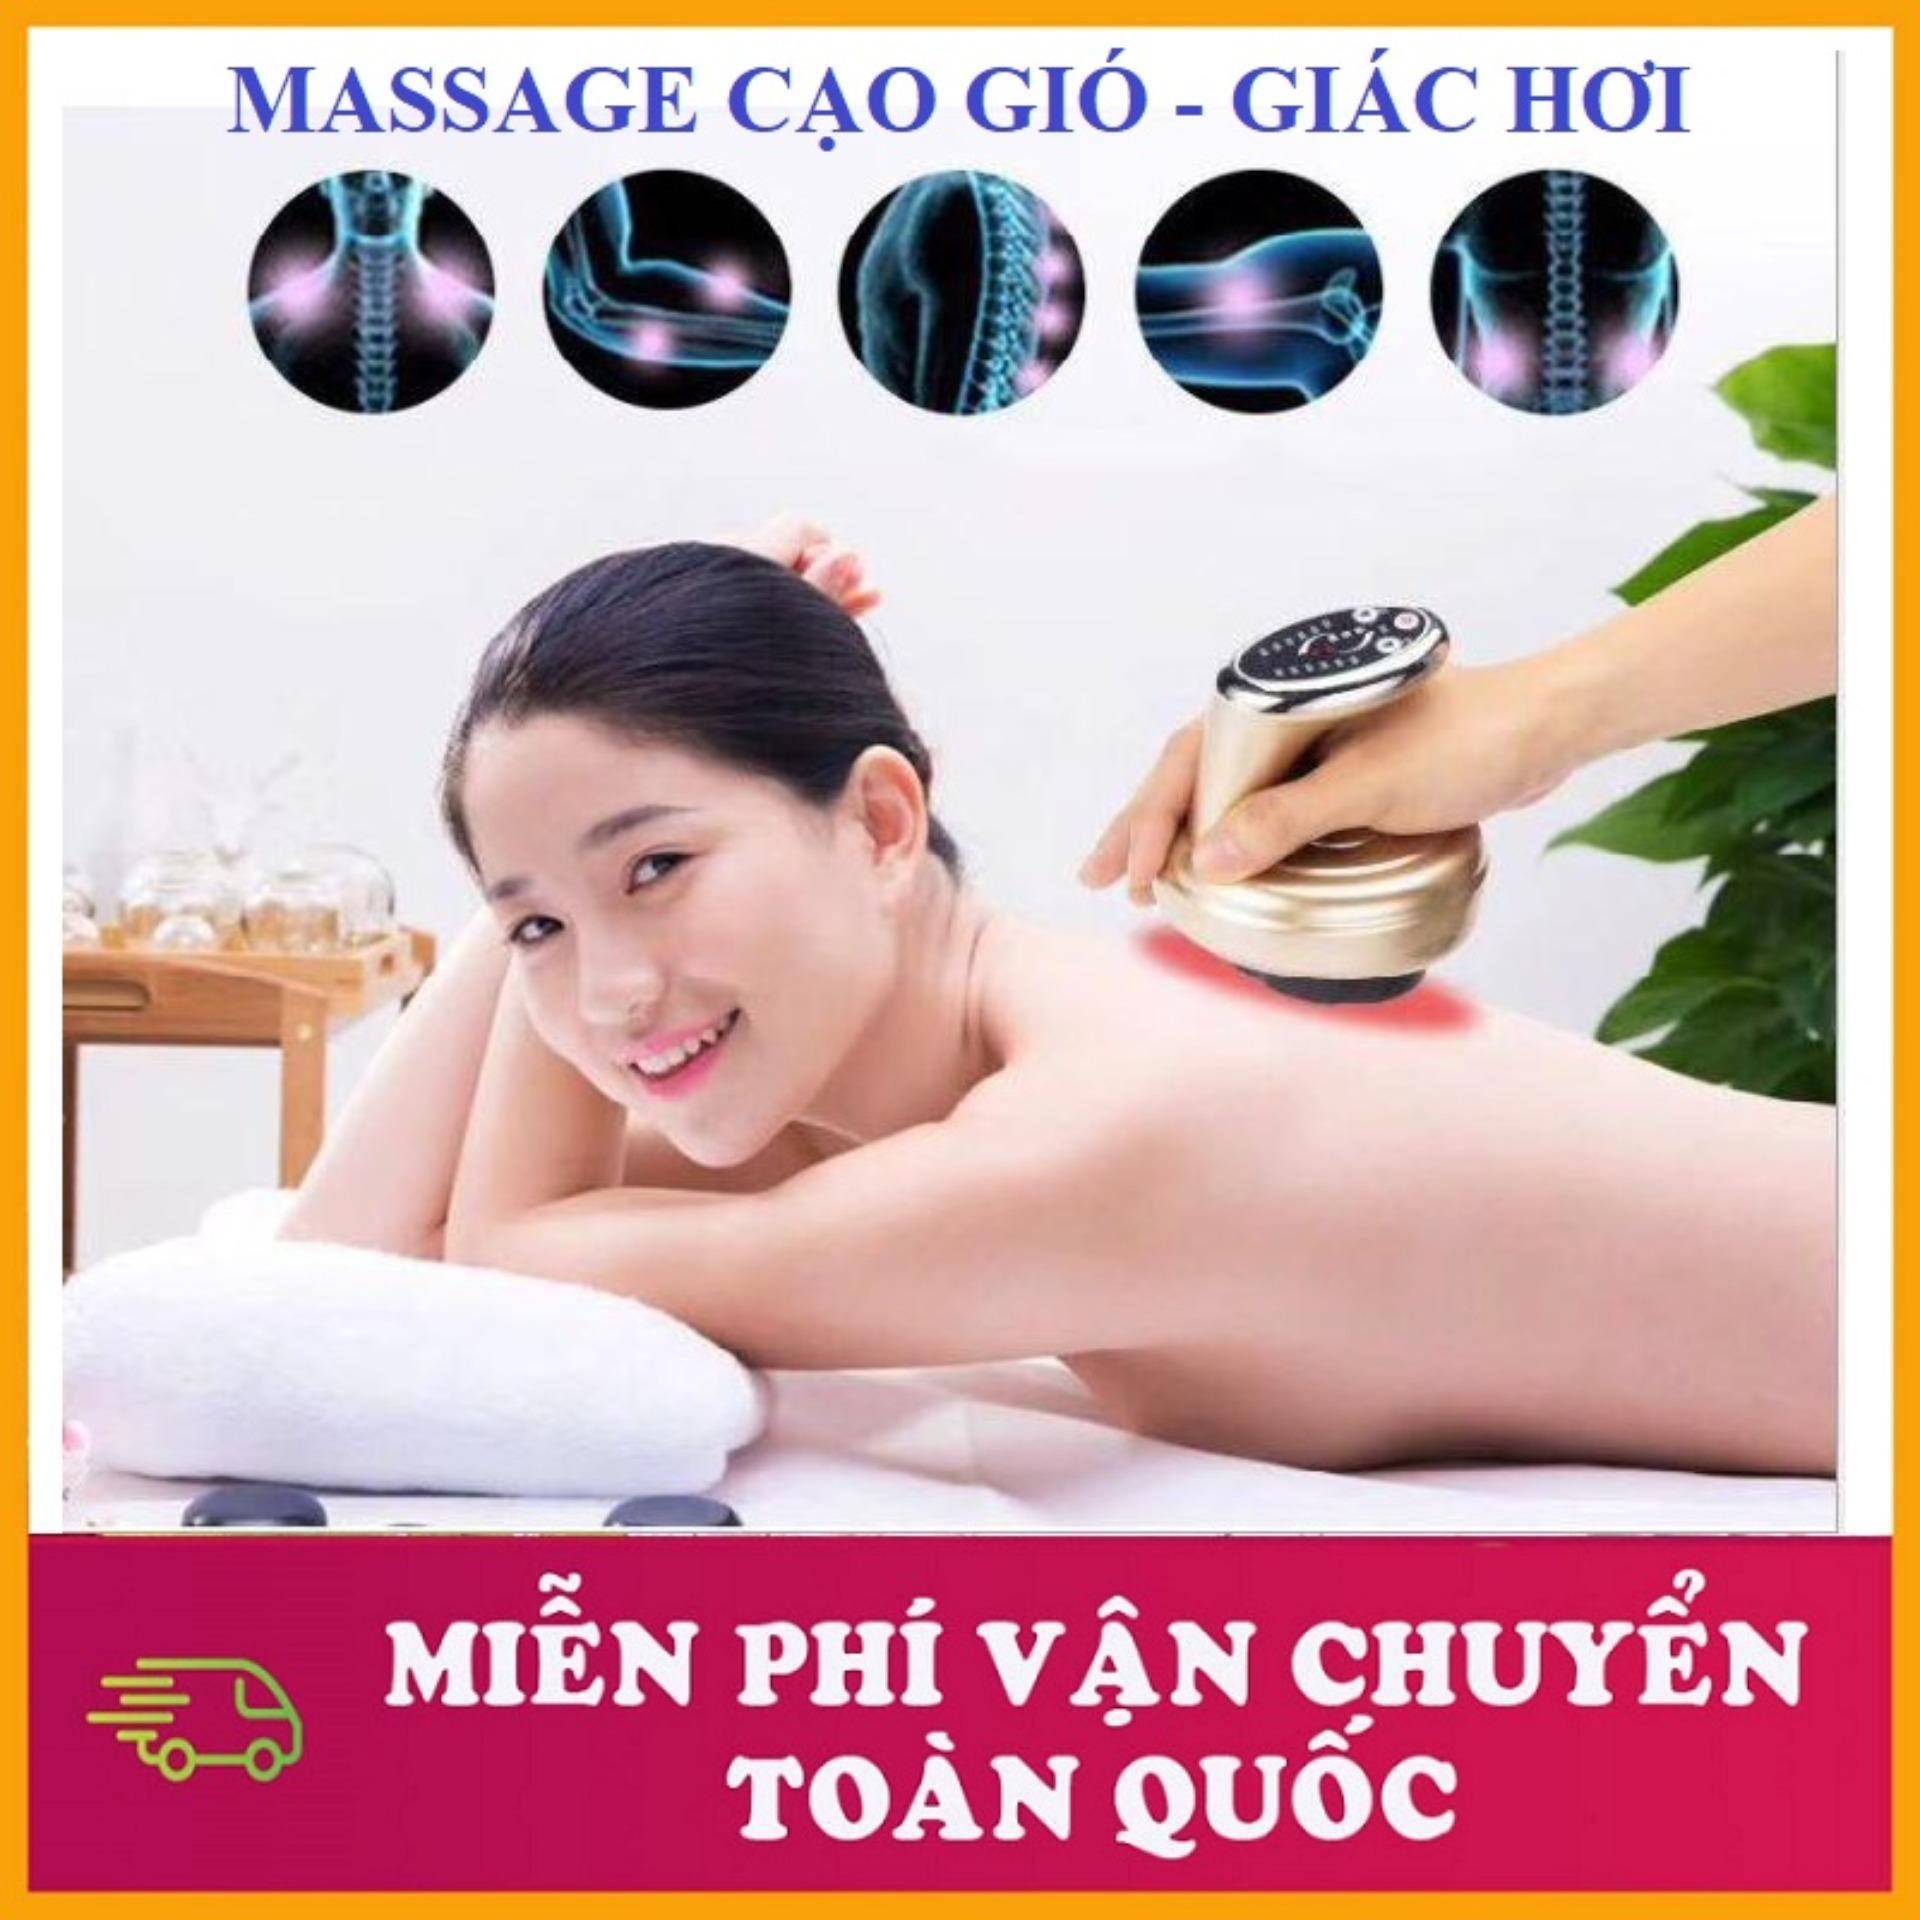 cách massage bụng, MÁY CẠO GIÓ GIÁC HƠI 6181 Loại Tốt, sản phẩm thích hợp làm ấm toàn thân, cạo gió dọc thăn lưng, châm cứu, massage lưu thông máu huyết, giảm sưng đau các khớp…